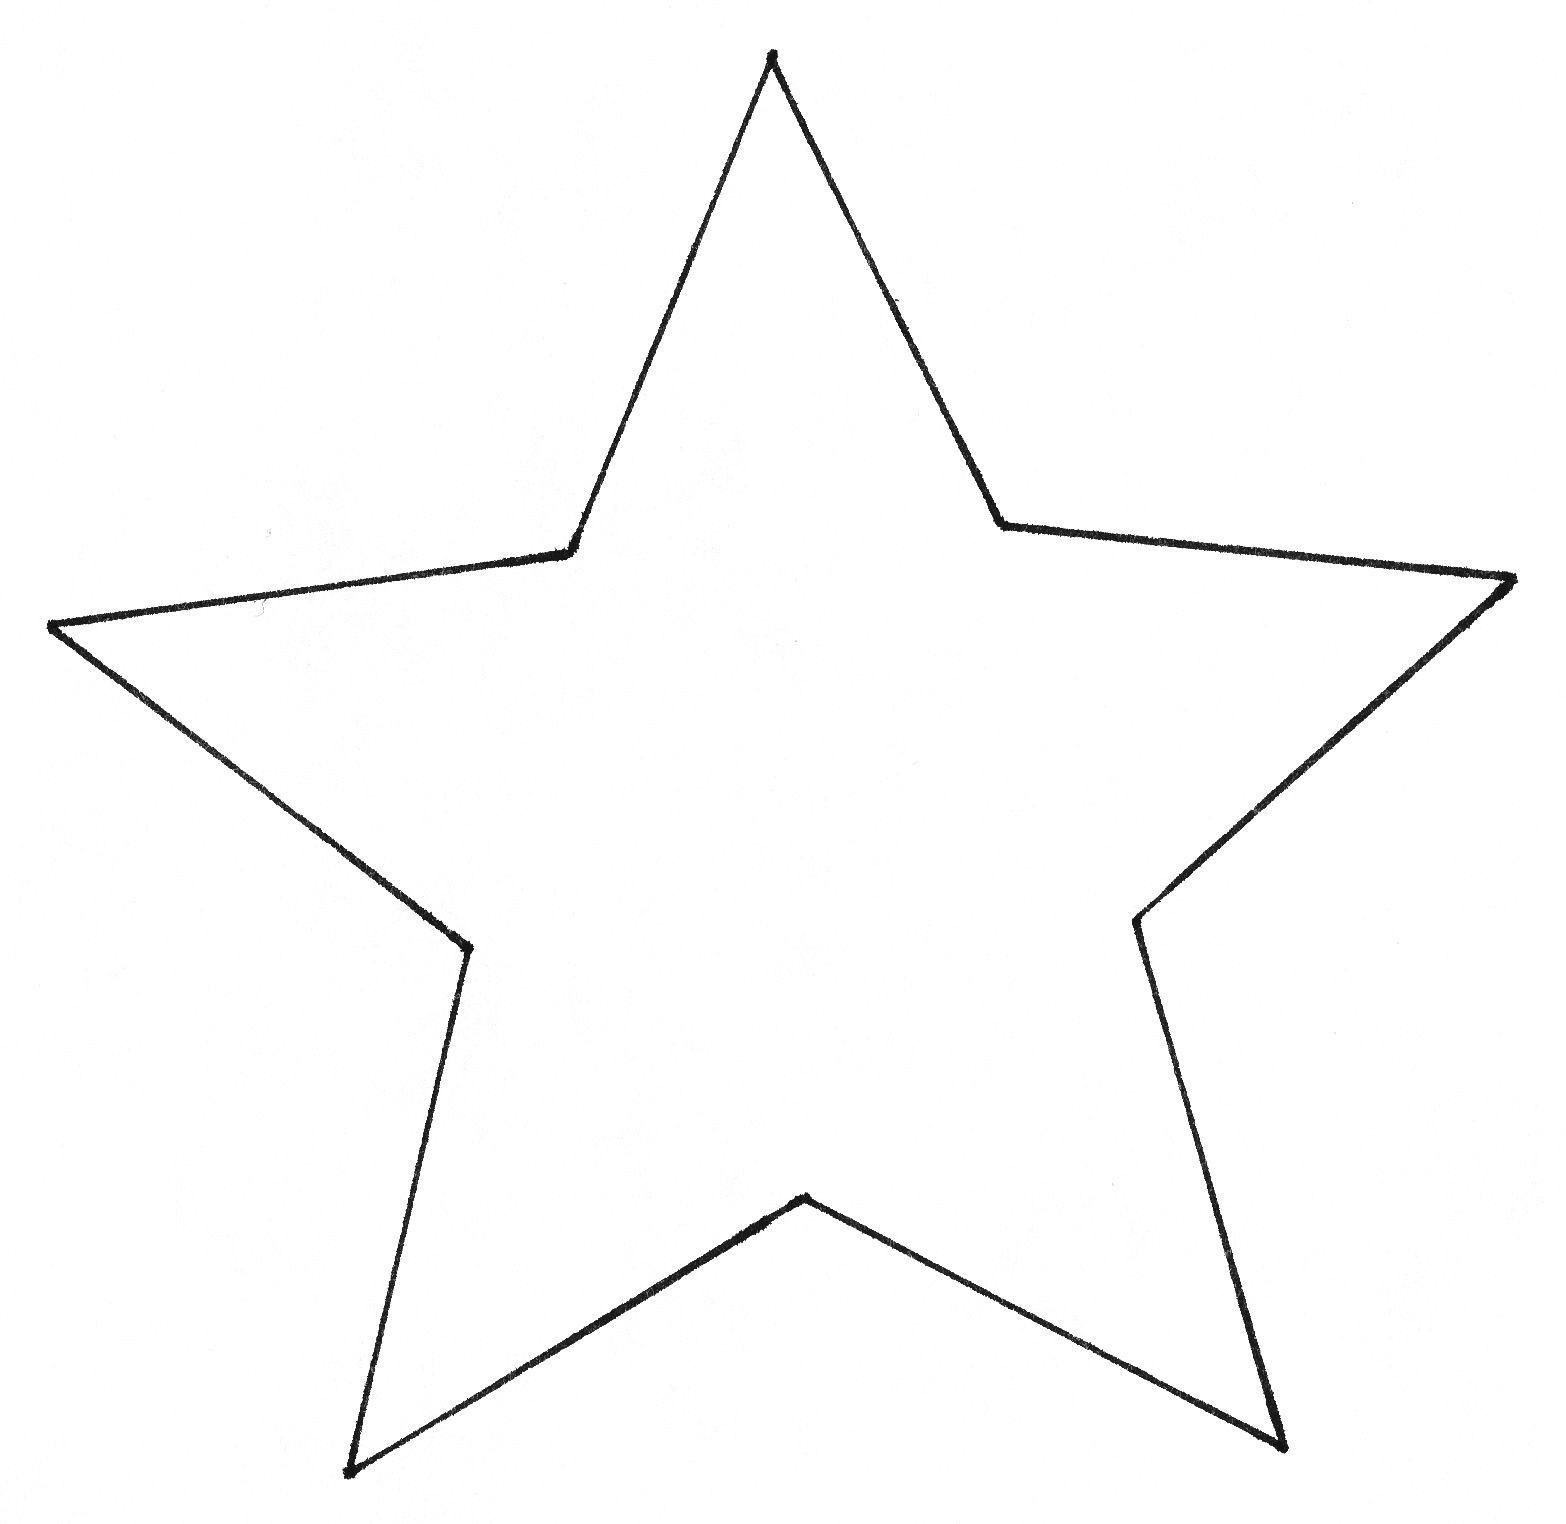 Neu Sterne Basteln Mit Kindern Vorlagen   Sterne Basteln Mit bestimmt für Vorlage Weihnachtsstern